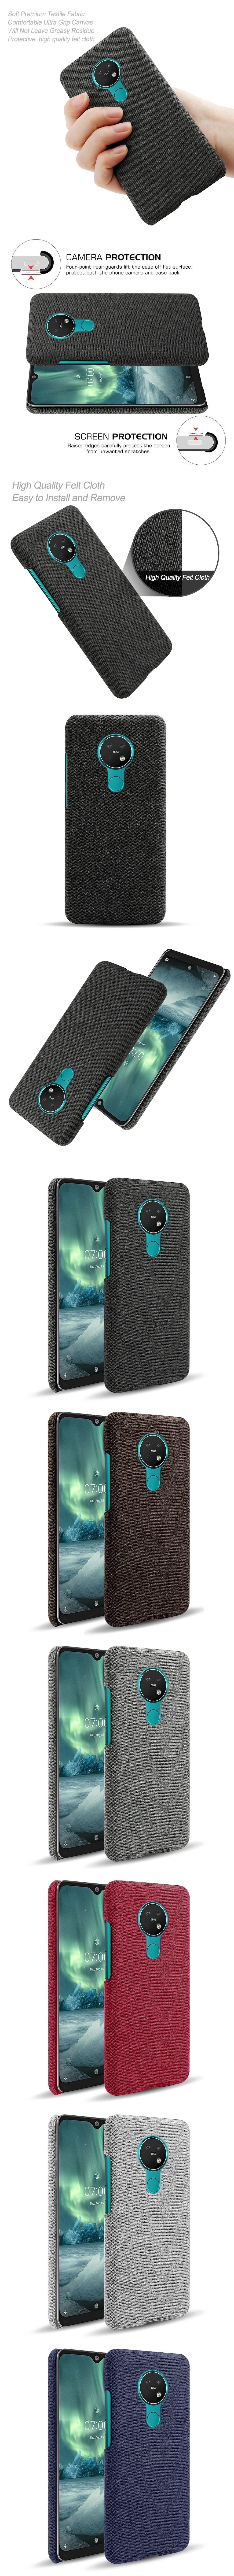 皮革保護殼(PLAIN) - 尼龍布紋素色背蓋日式簡約手機殼保護套手機套